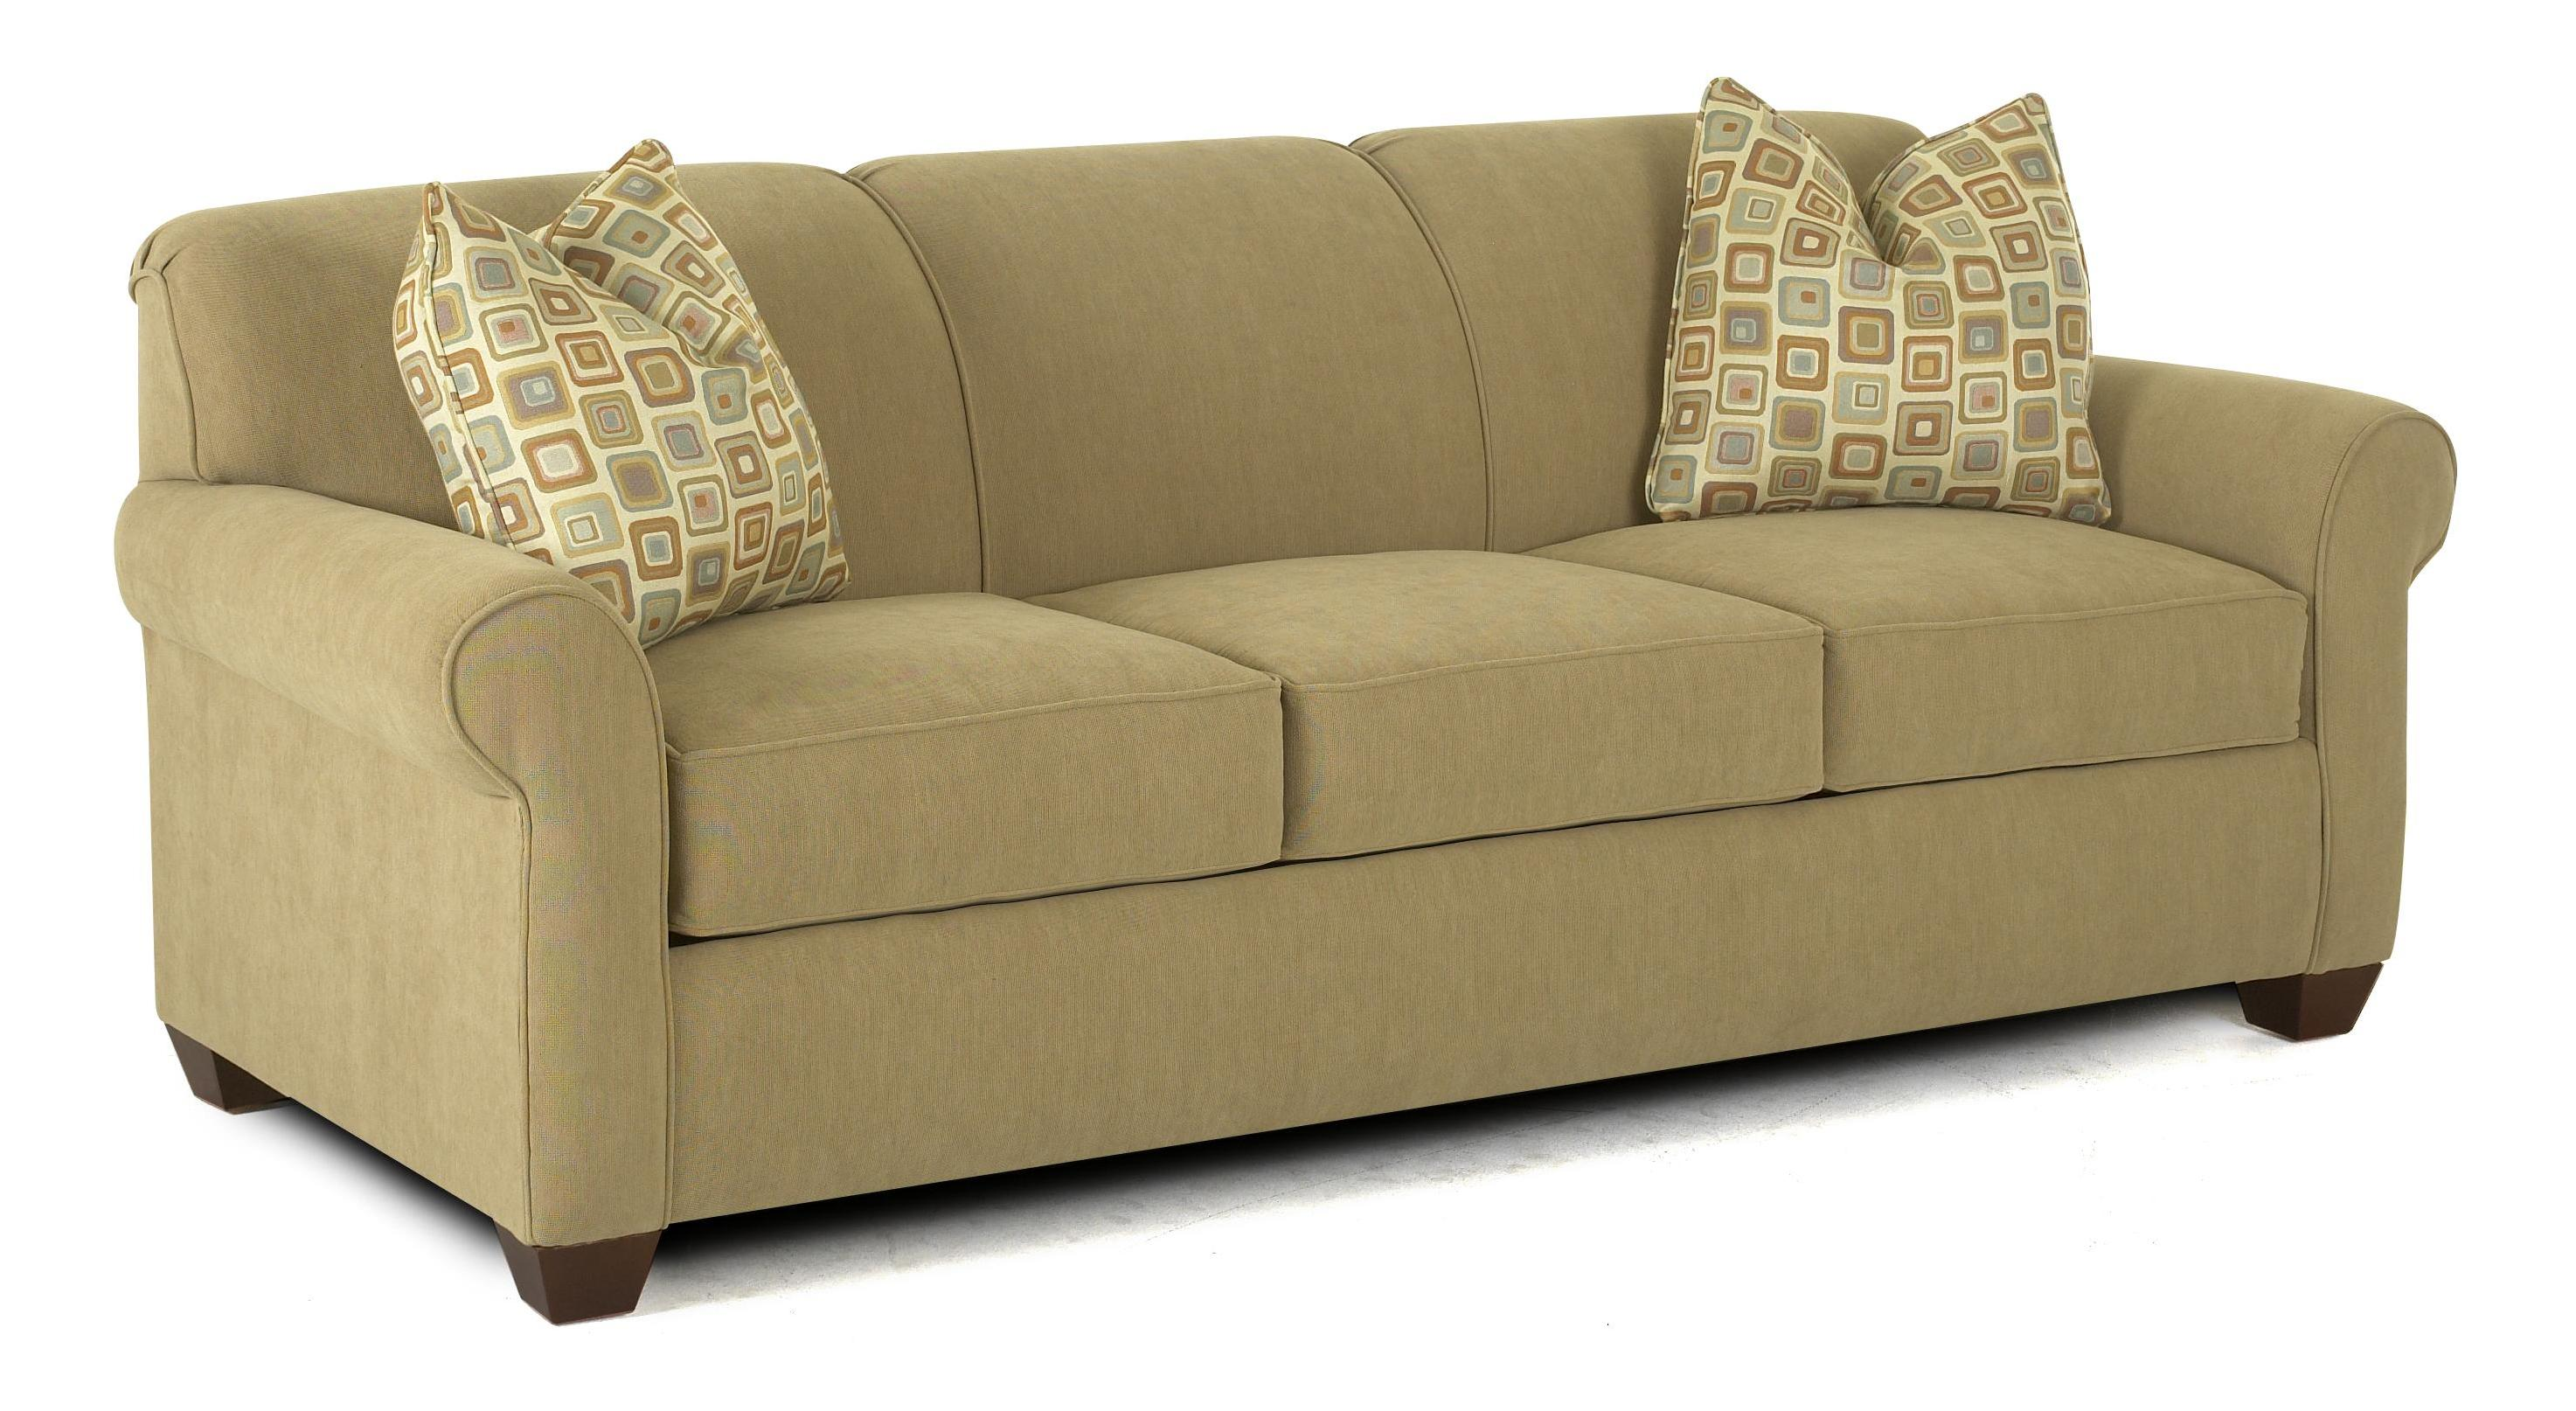 Klaussner Mayhew 97900 Aqsl Air Coil Queen Sleeper Sofa